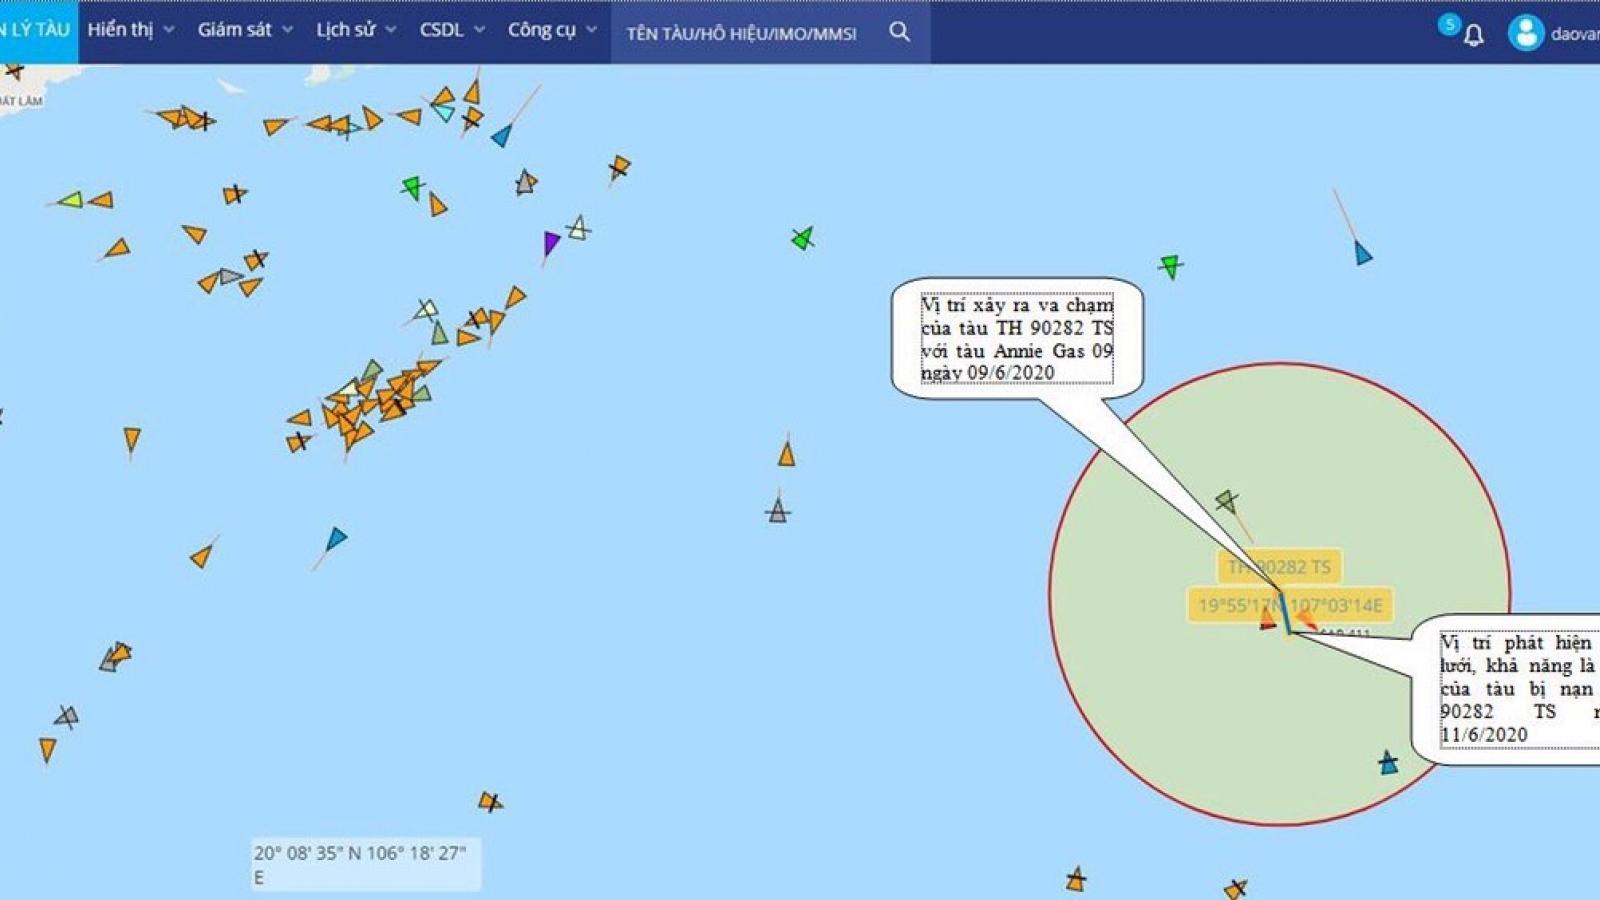 Tìm thấy vị trí tàu cá chở 4 thuyền viên bị đắm ở Vịnh Bắc Bộ